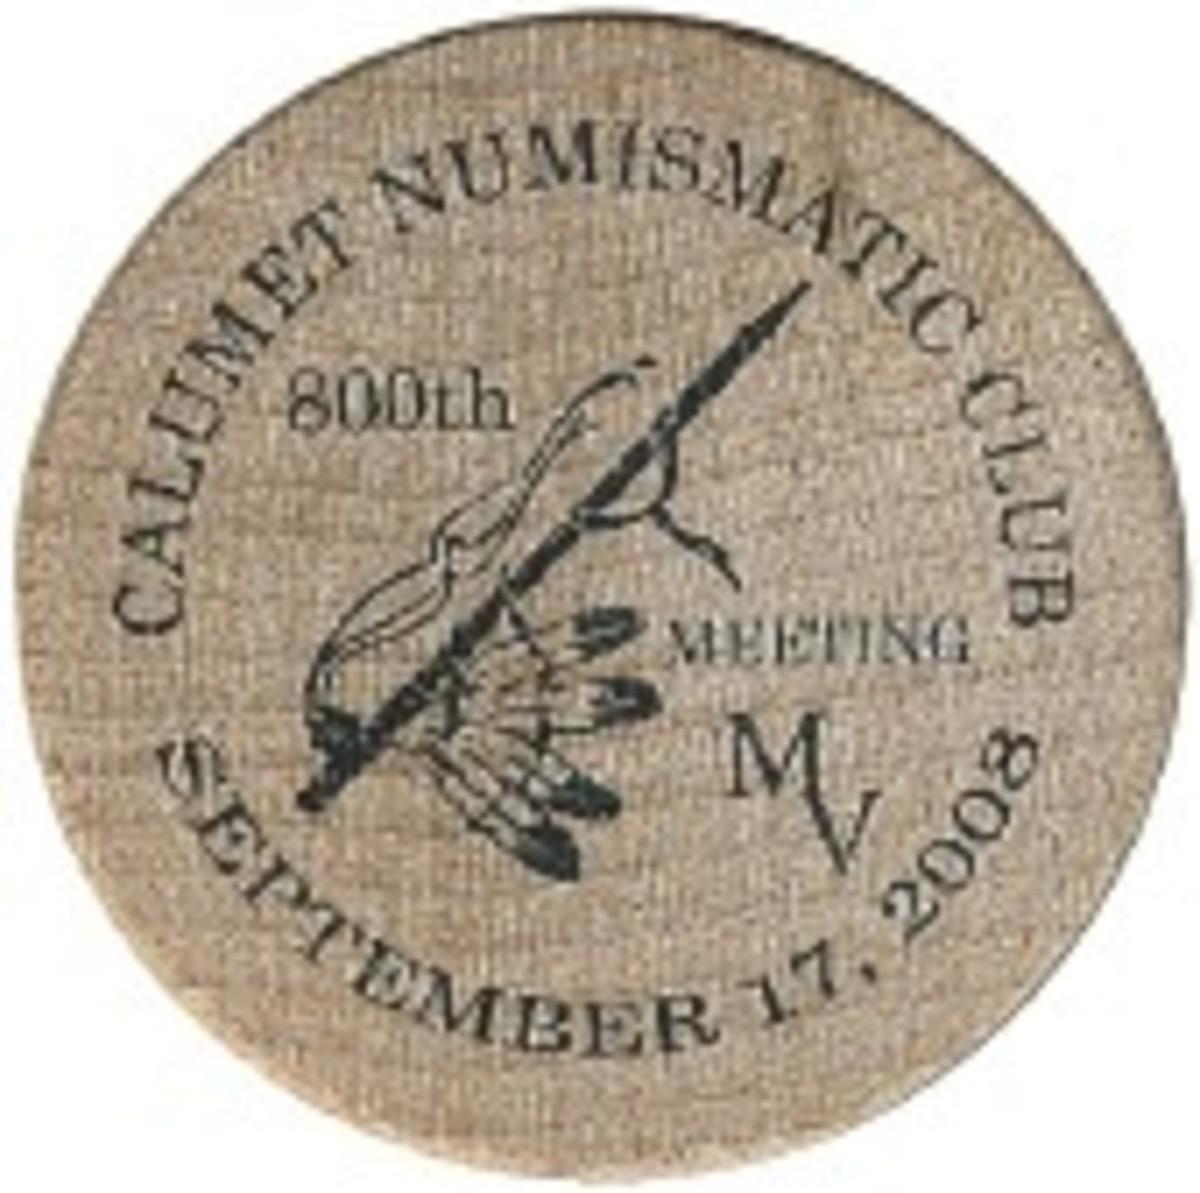 Calumet-1111bc.jpg